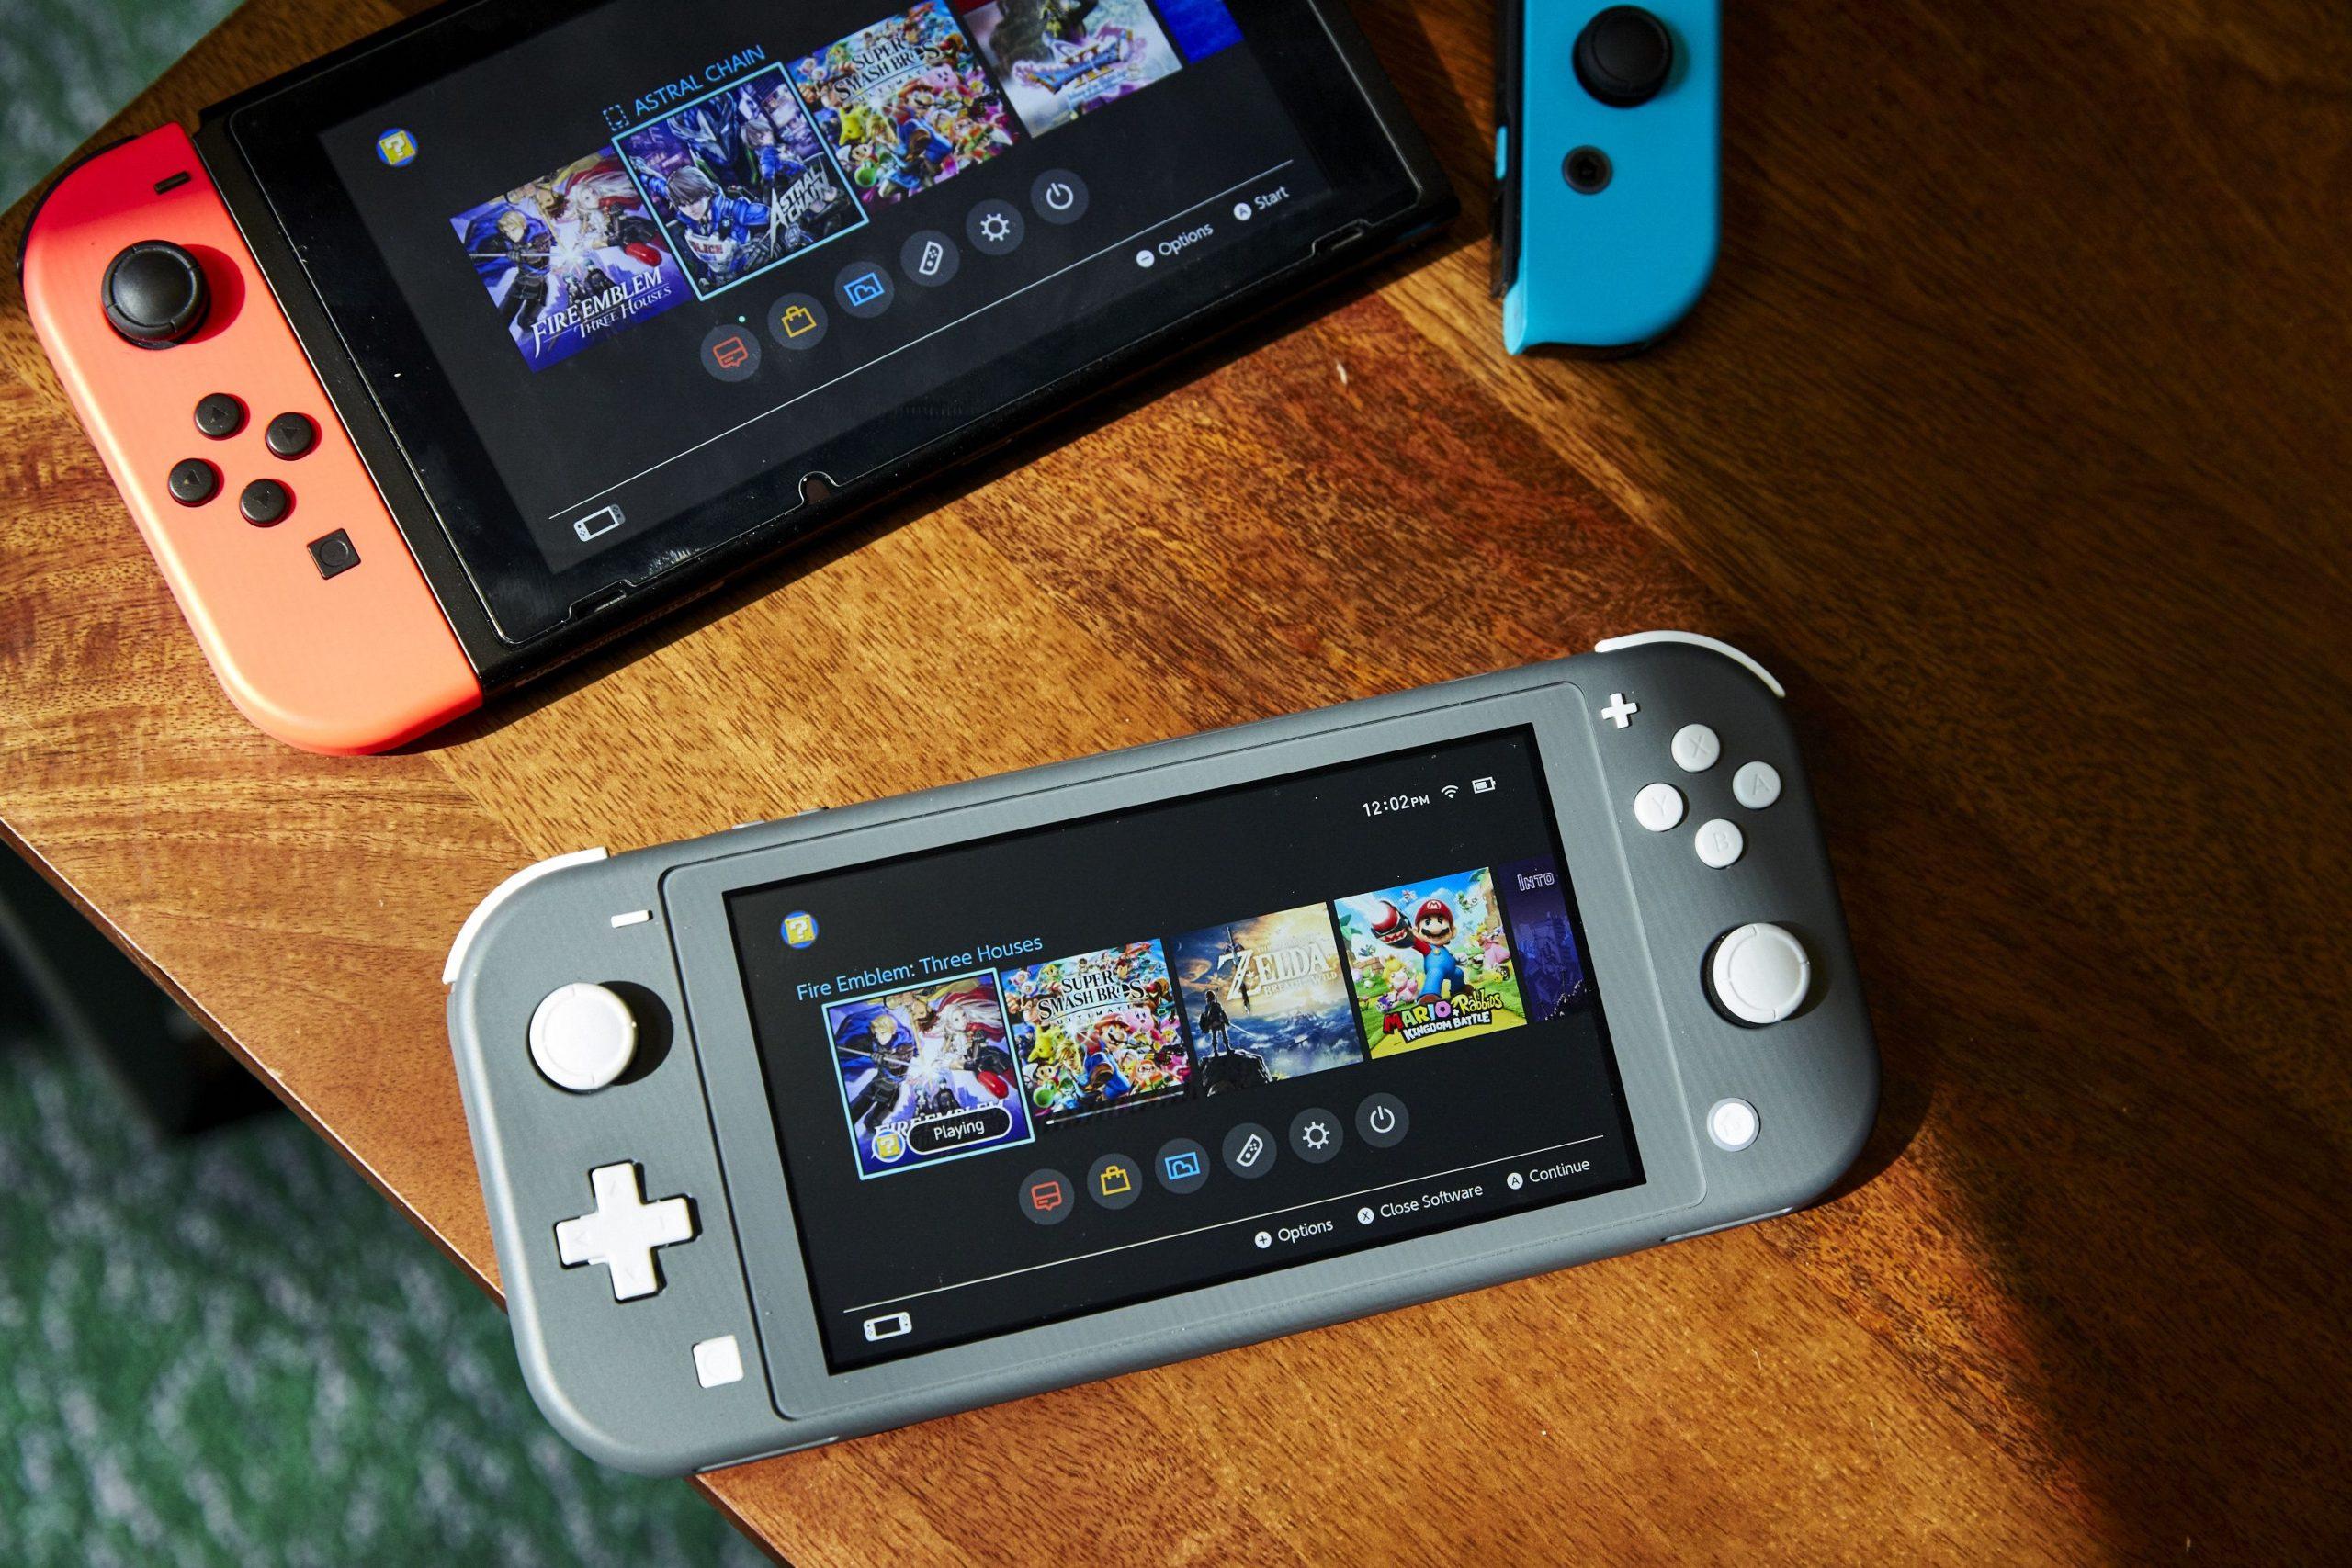 Analista Michael Patcher diz que o Switch facilmente venderá mais de 100 milhões de unidades